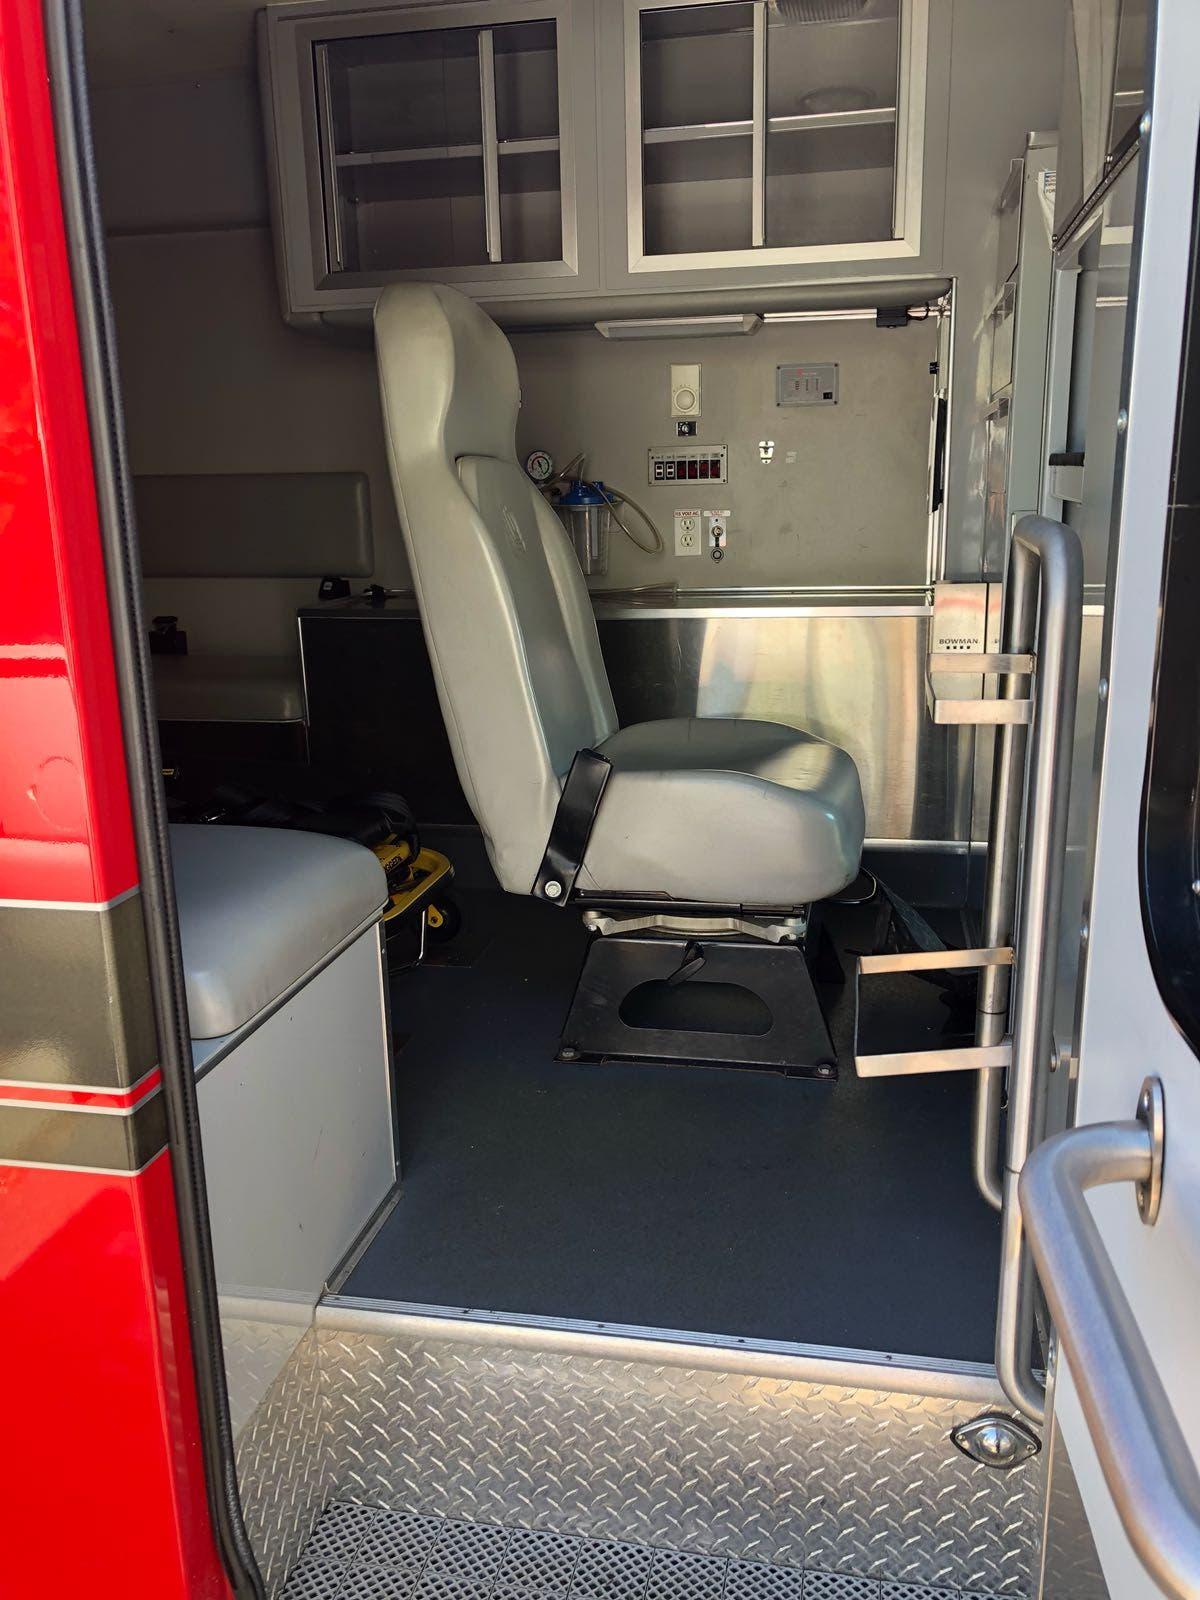 Gracias a las gestiones del Diputado Federal, Luis Alegre Salazar, el municipio de Tulum recibe una ambulancia equipada